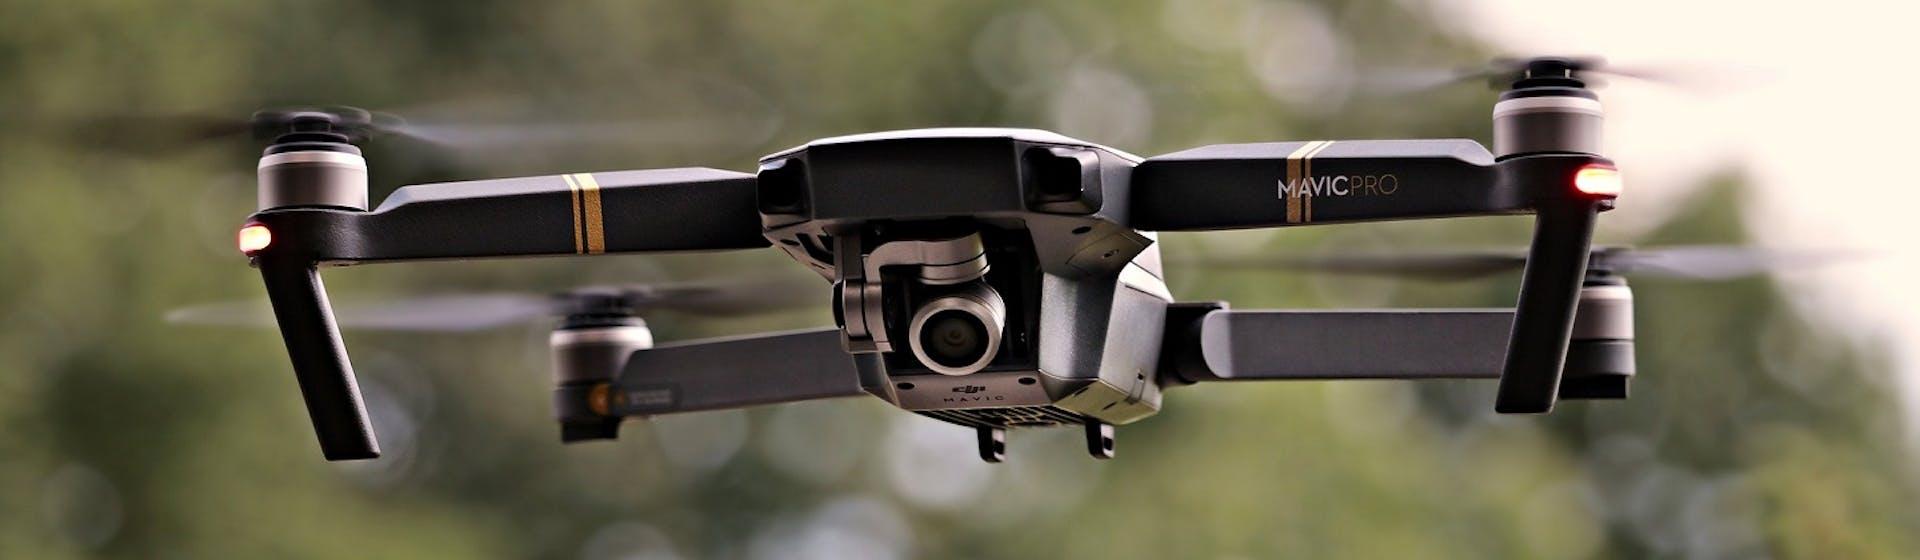 ¿Quién inventó los drones? La mente maestra del vehículo aéreo no tripulado